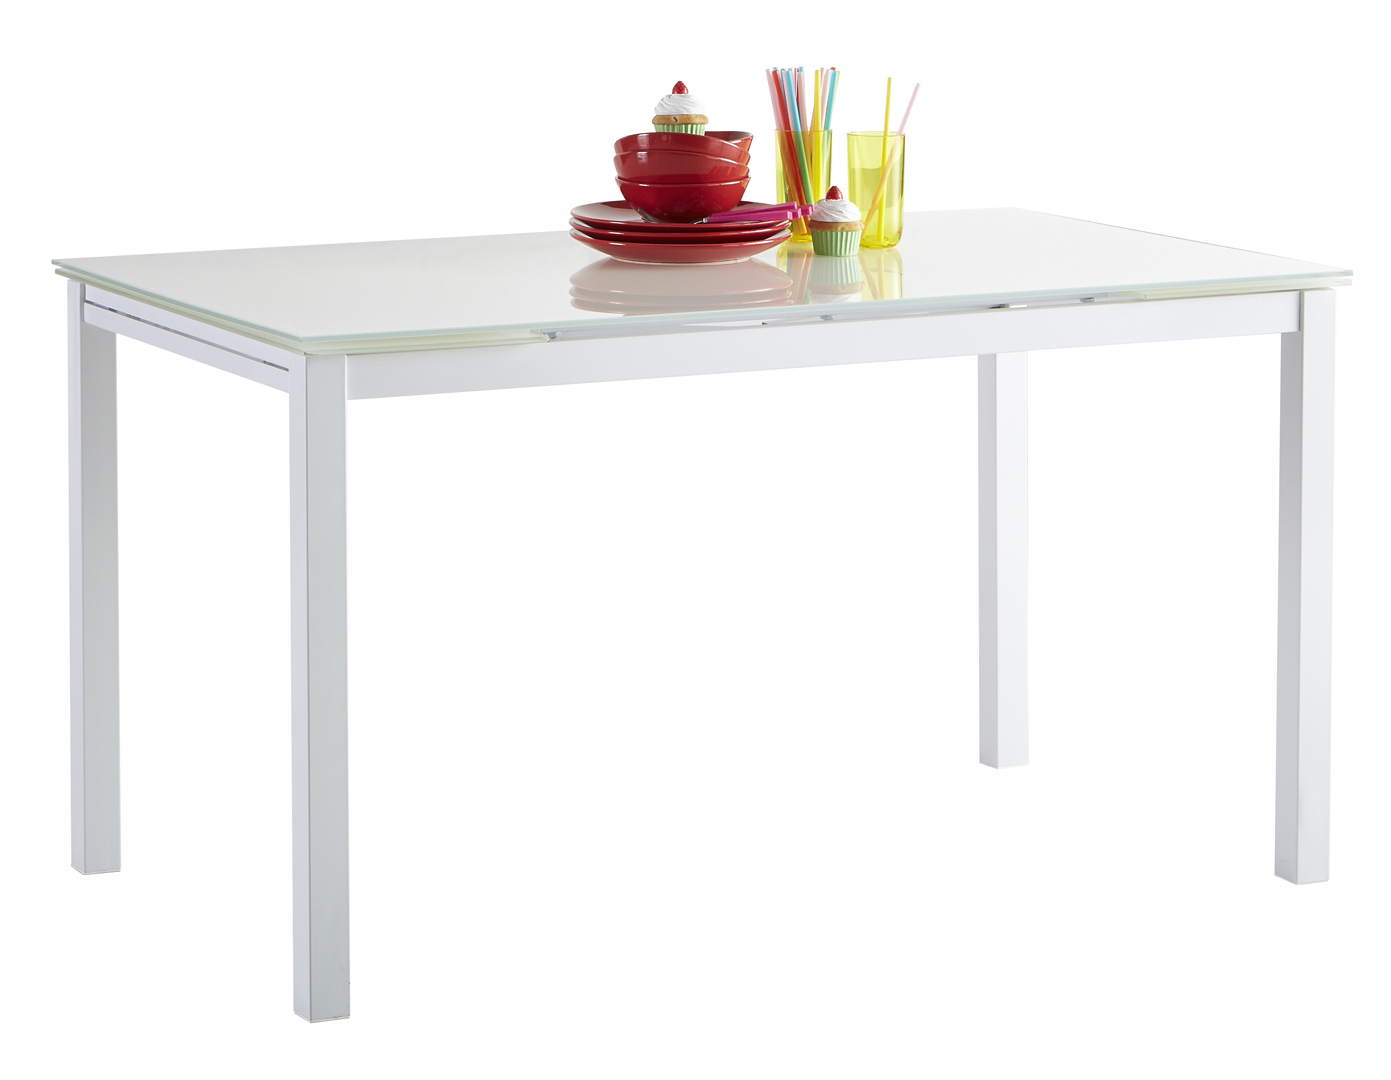 Table De Cuisine Blanche Contemporaine Extensible Métal Et Verre Mulane